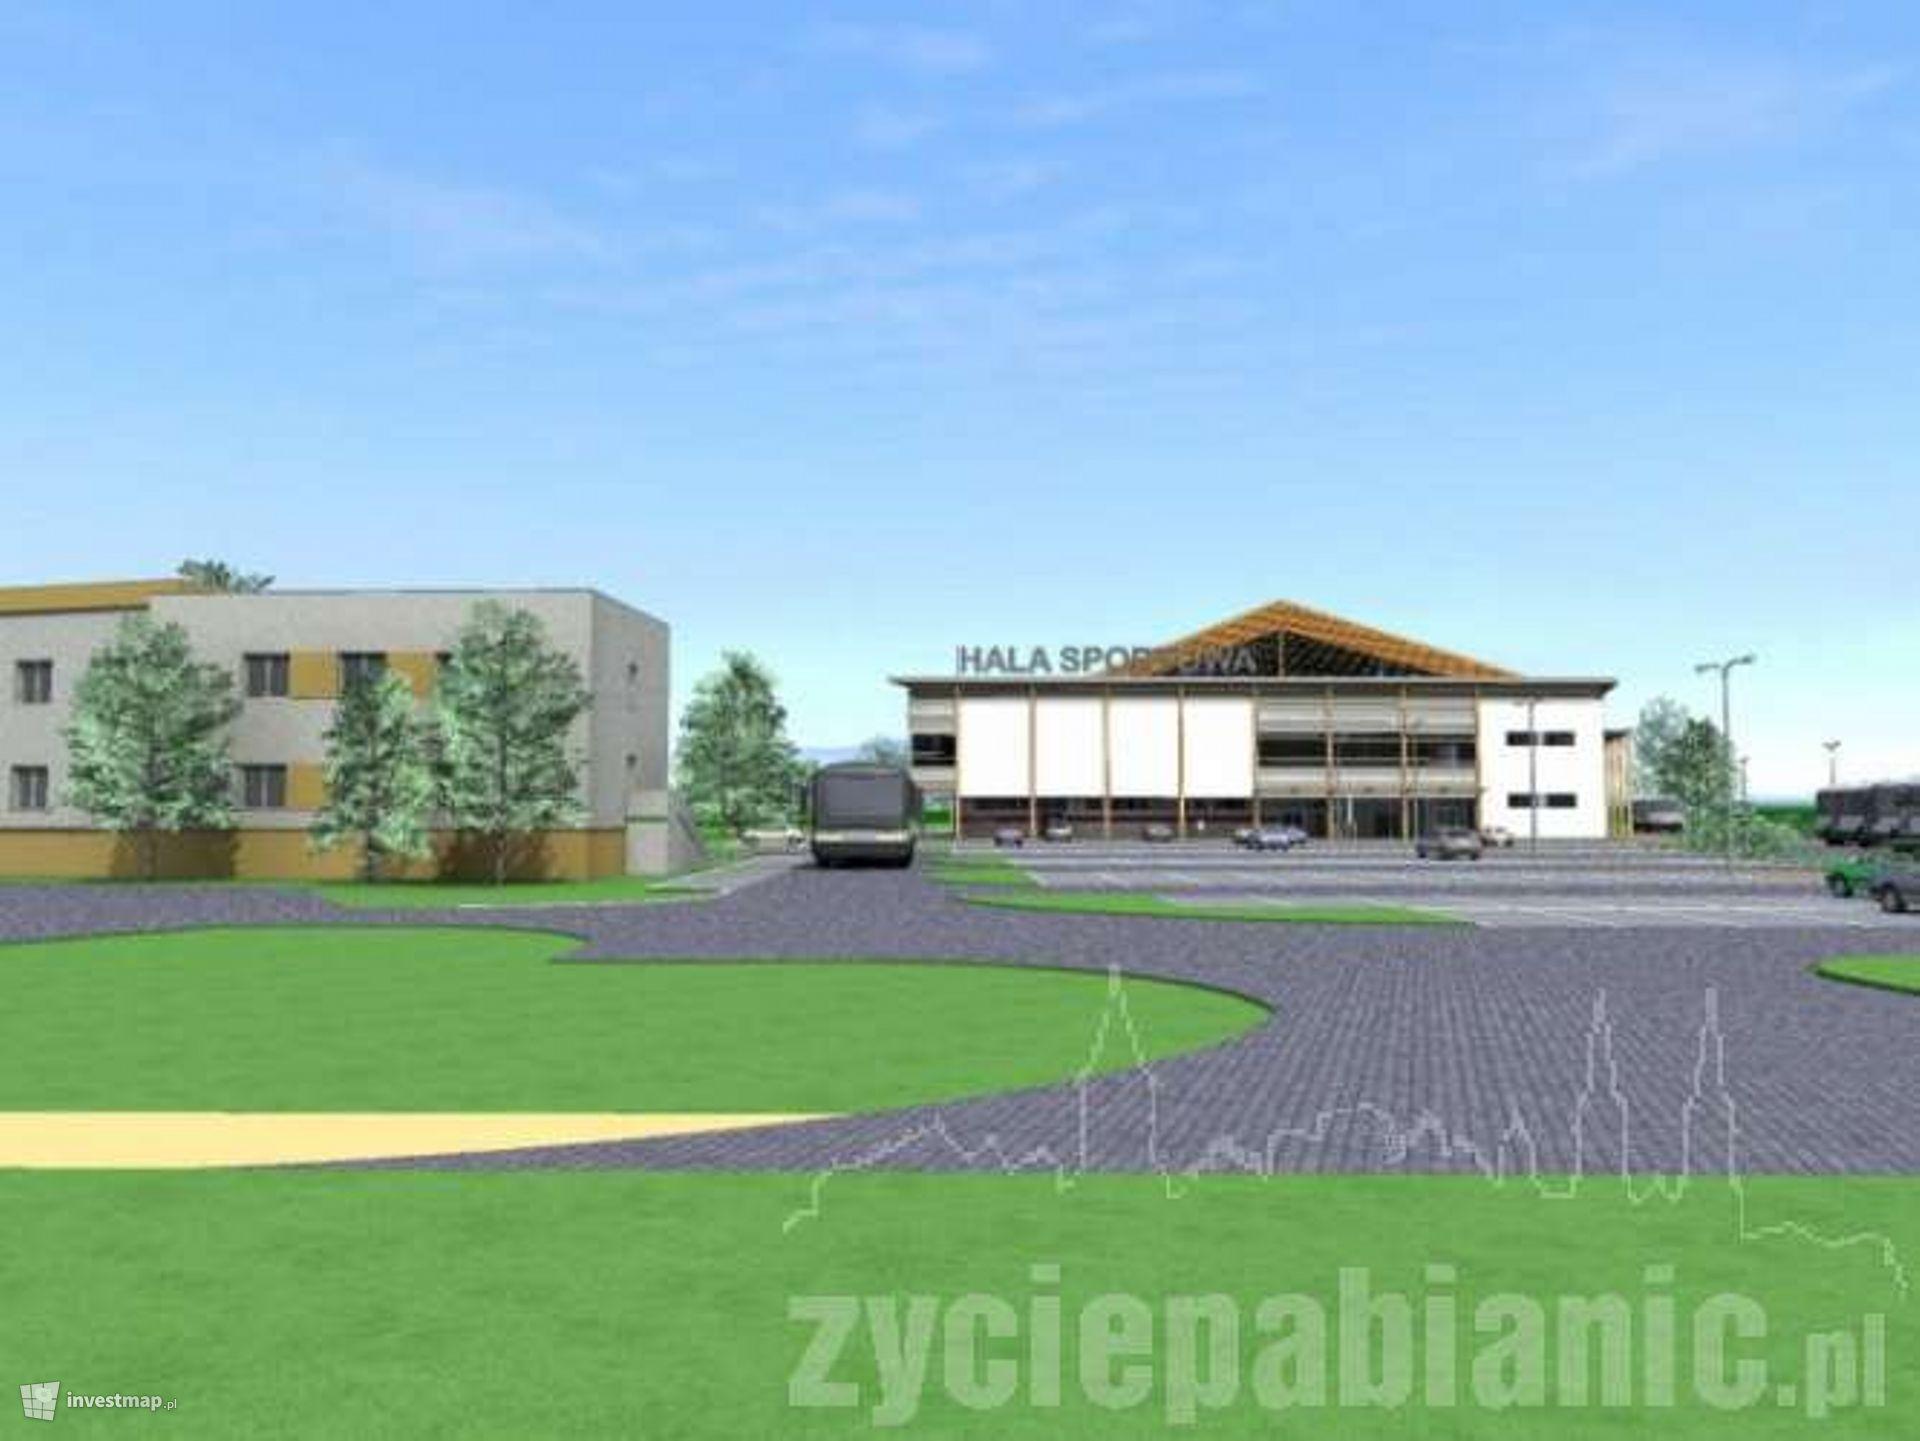 Powiatowa Hala Sportowa w Pabianicach